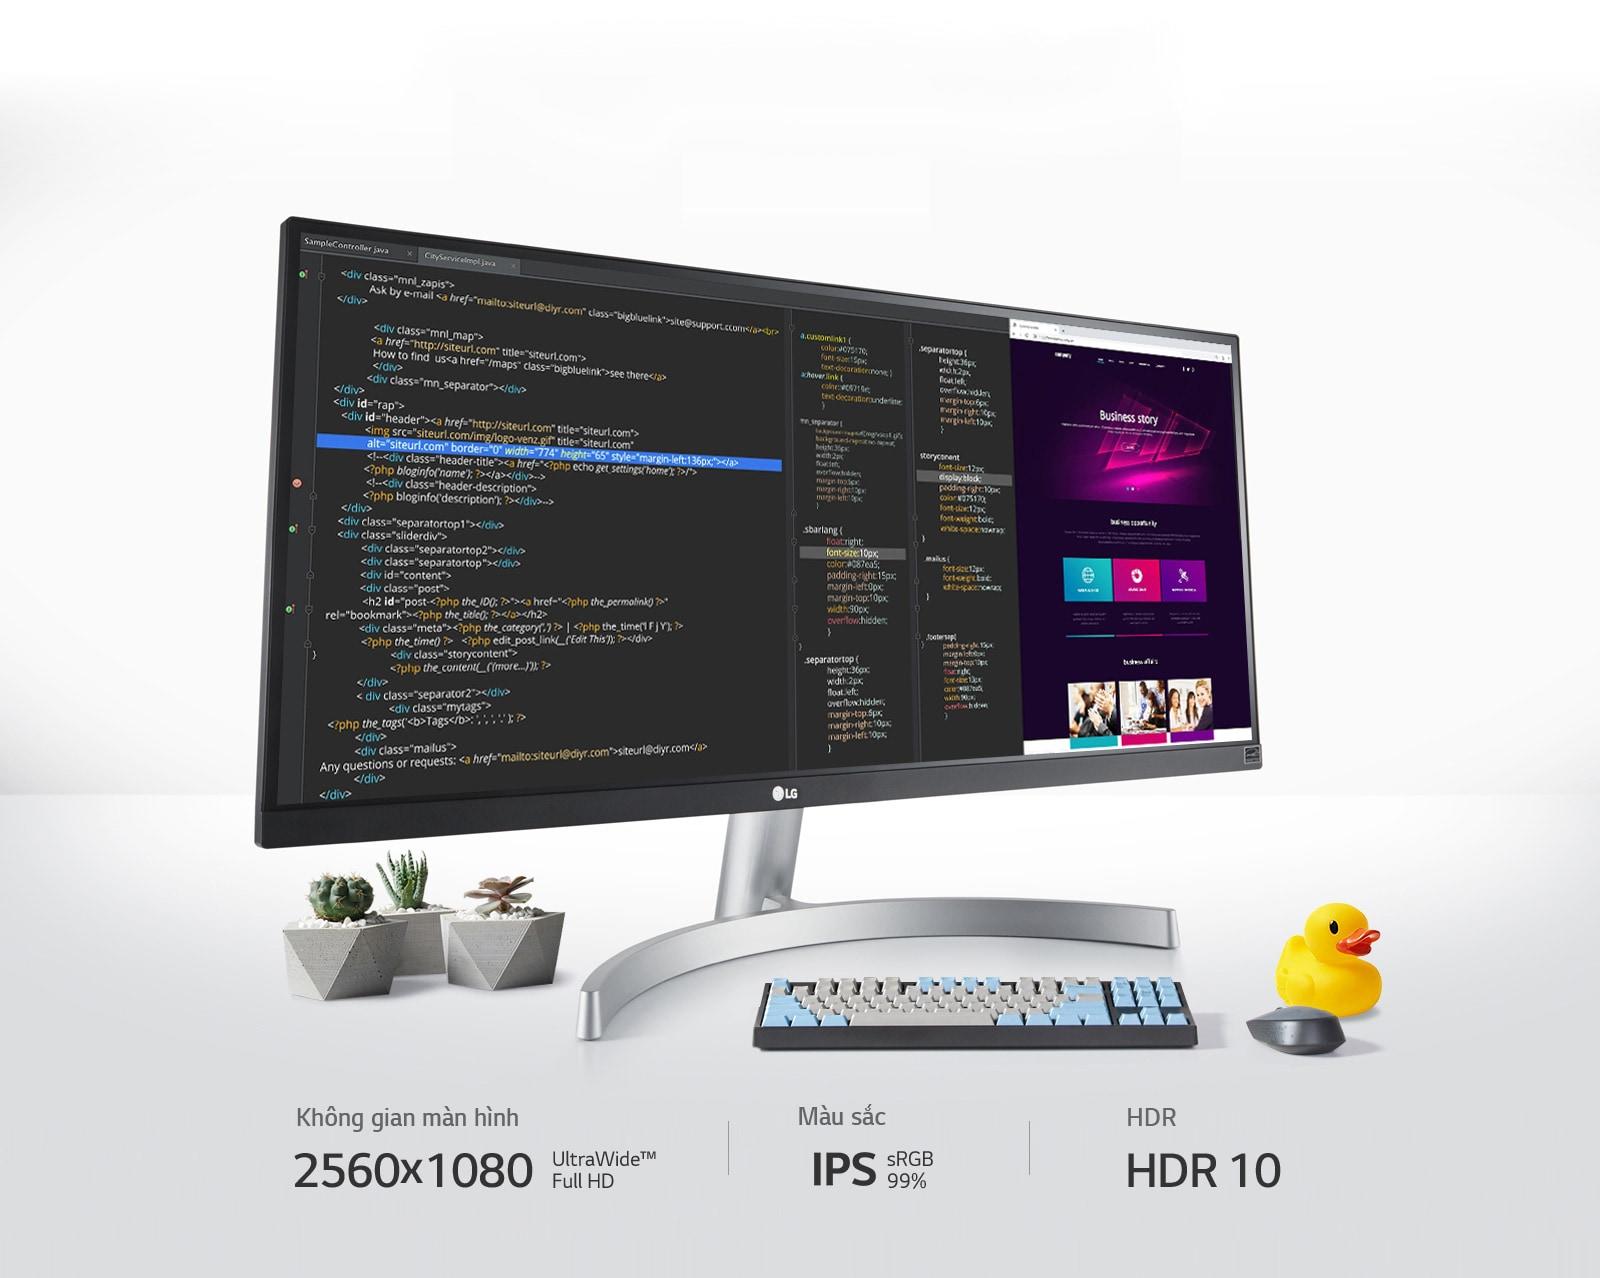 Với màn hình 2560x1080 UltraWide™ Full HD, IPS, sRGB 99% và HDR 10, bạn có thể Xem Nhiều Hơn Sáng Tạo Hơn.